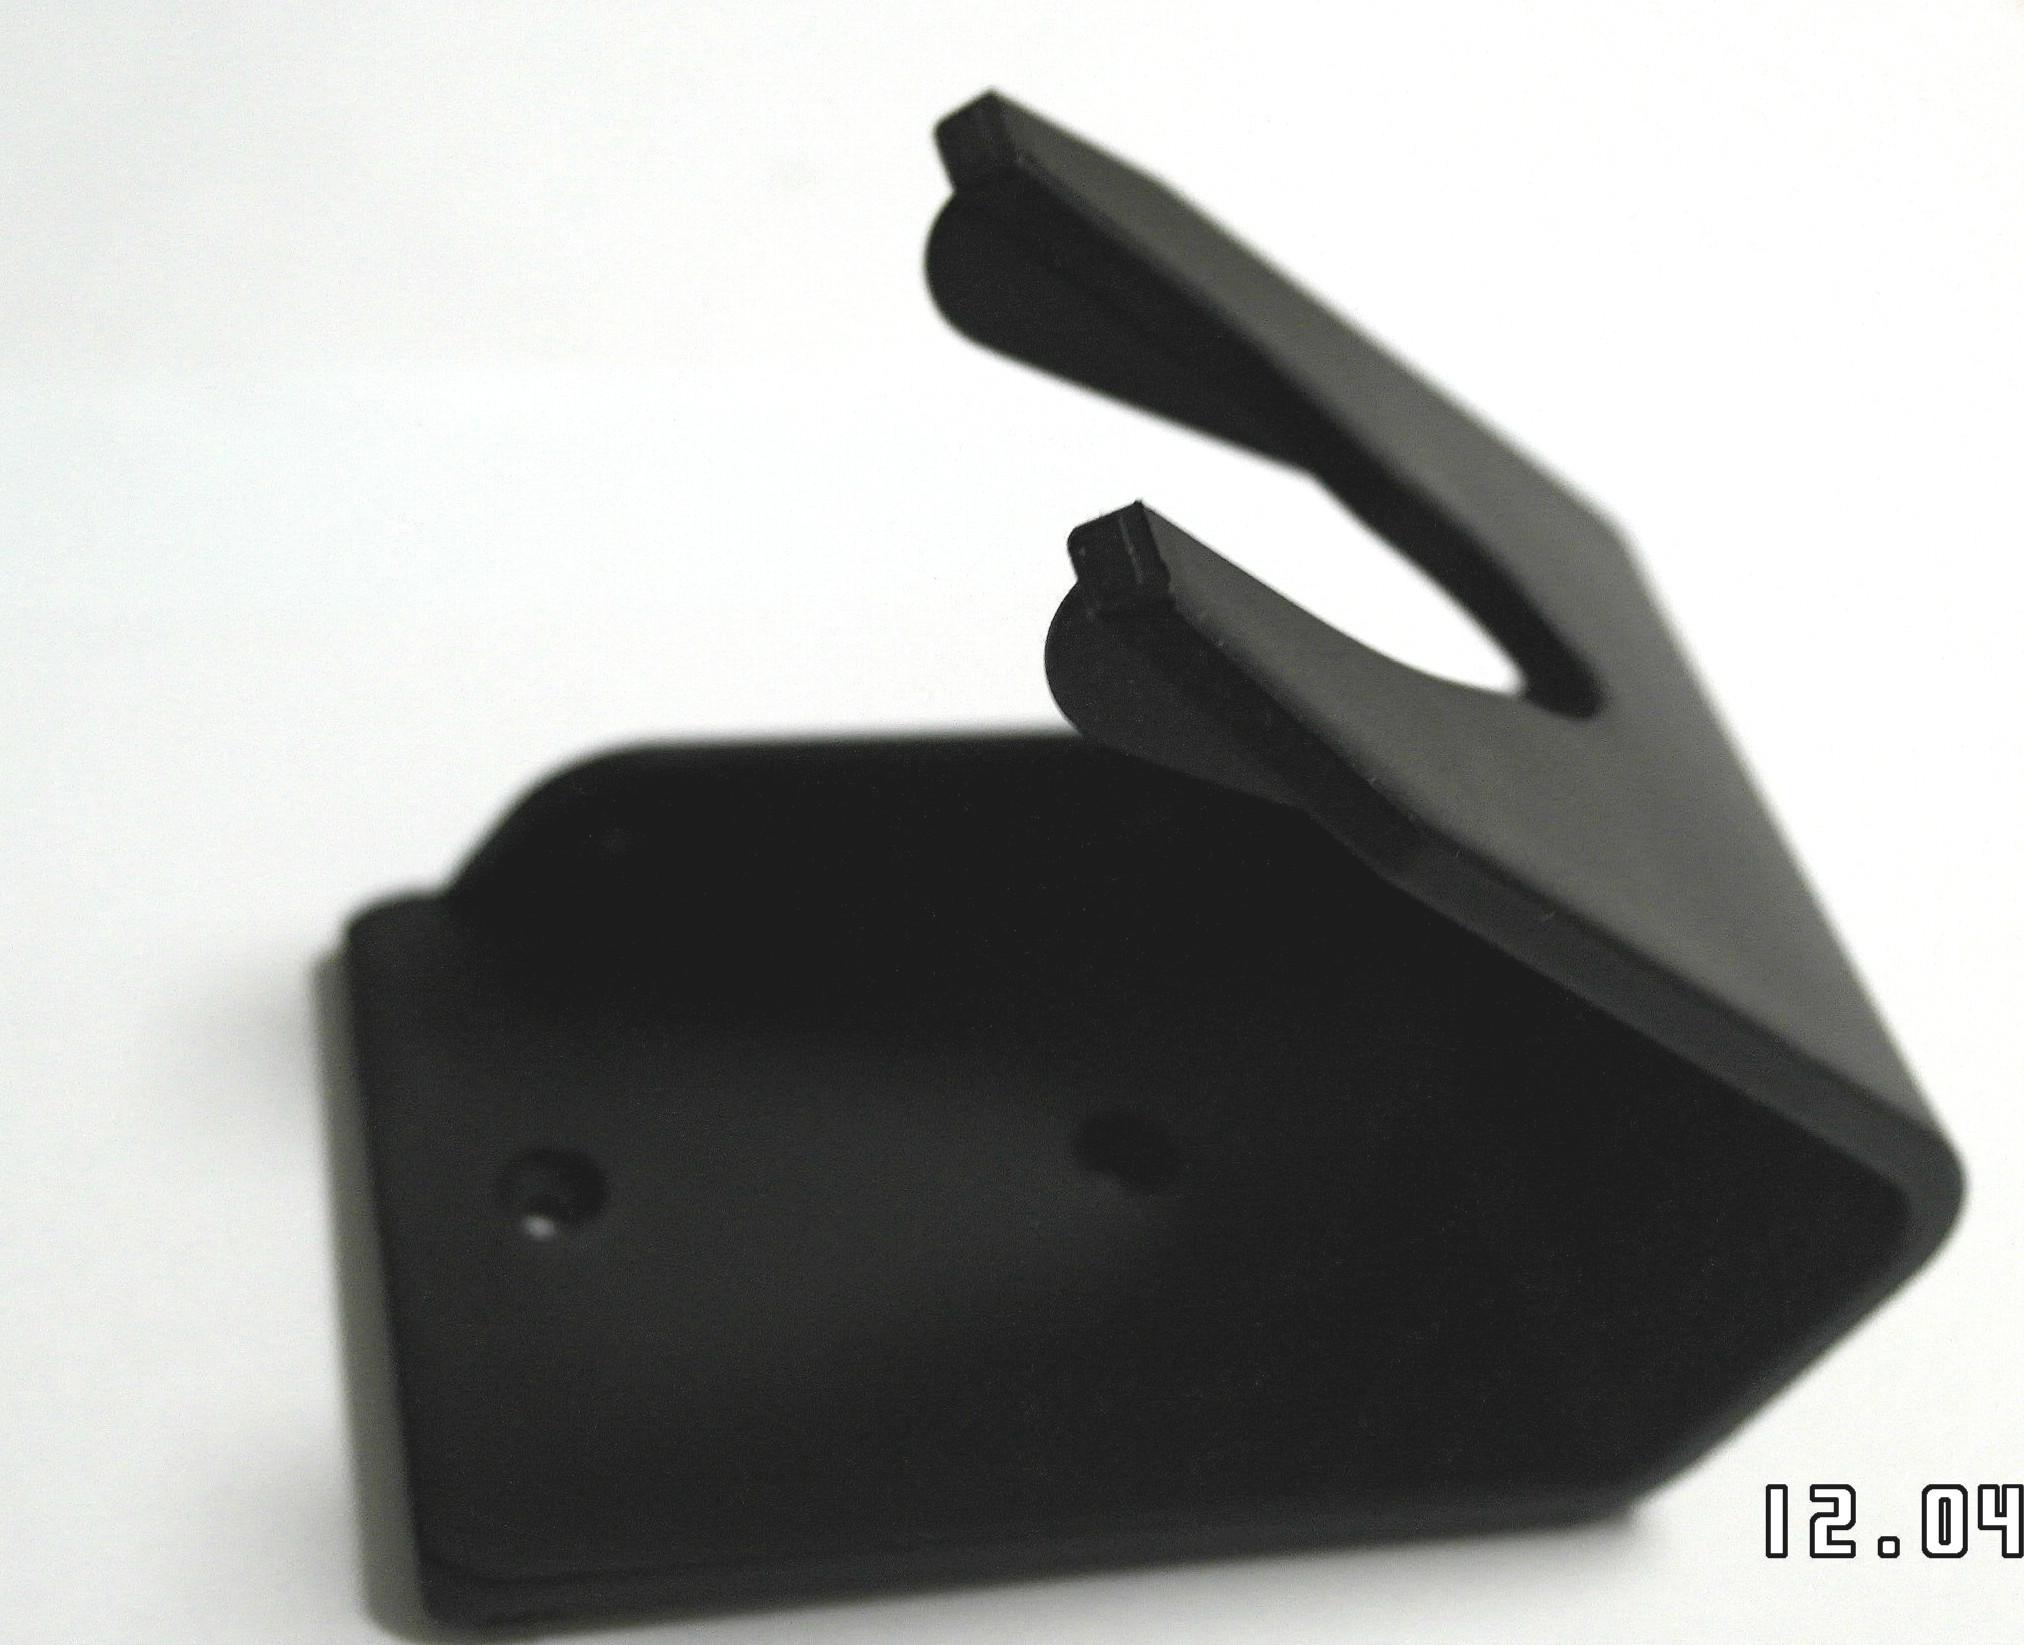 элитных сканирование пистолет сканеры универсальный пилон кронштейн установки знака кронштейн крепления аксессуаров - горизонтальной и вертикальной подачи